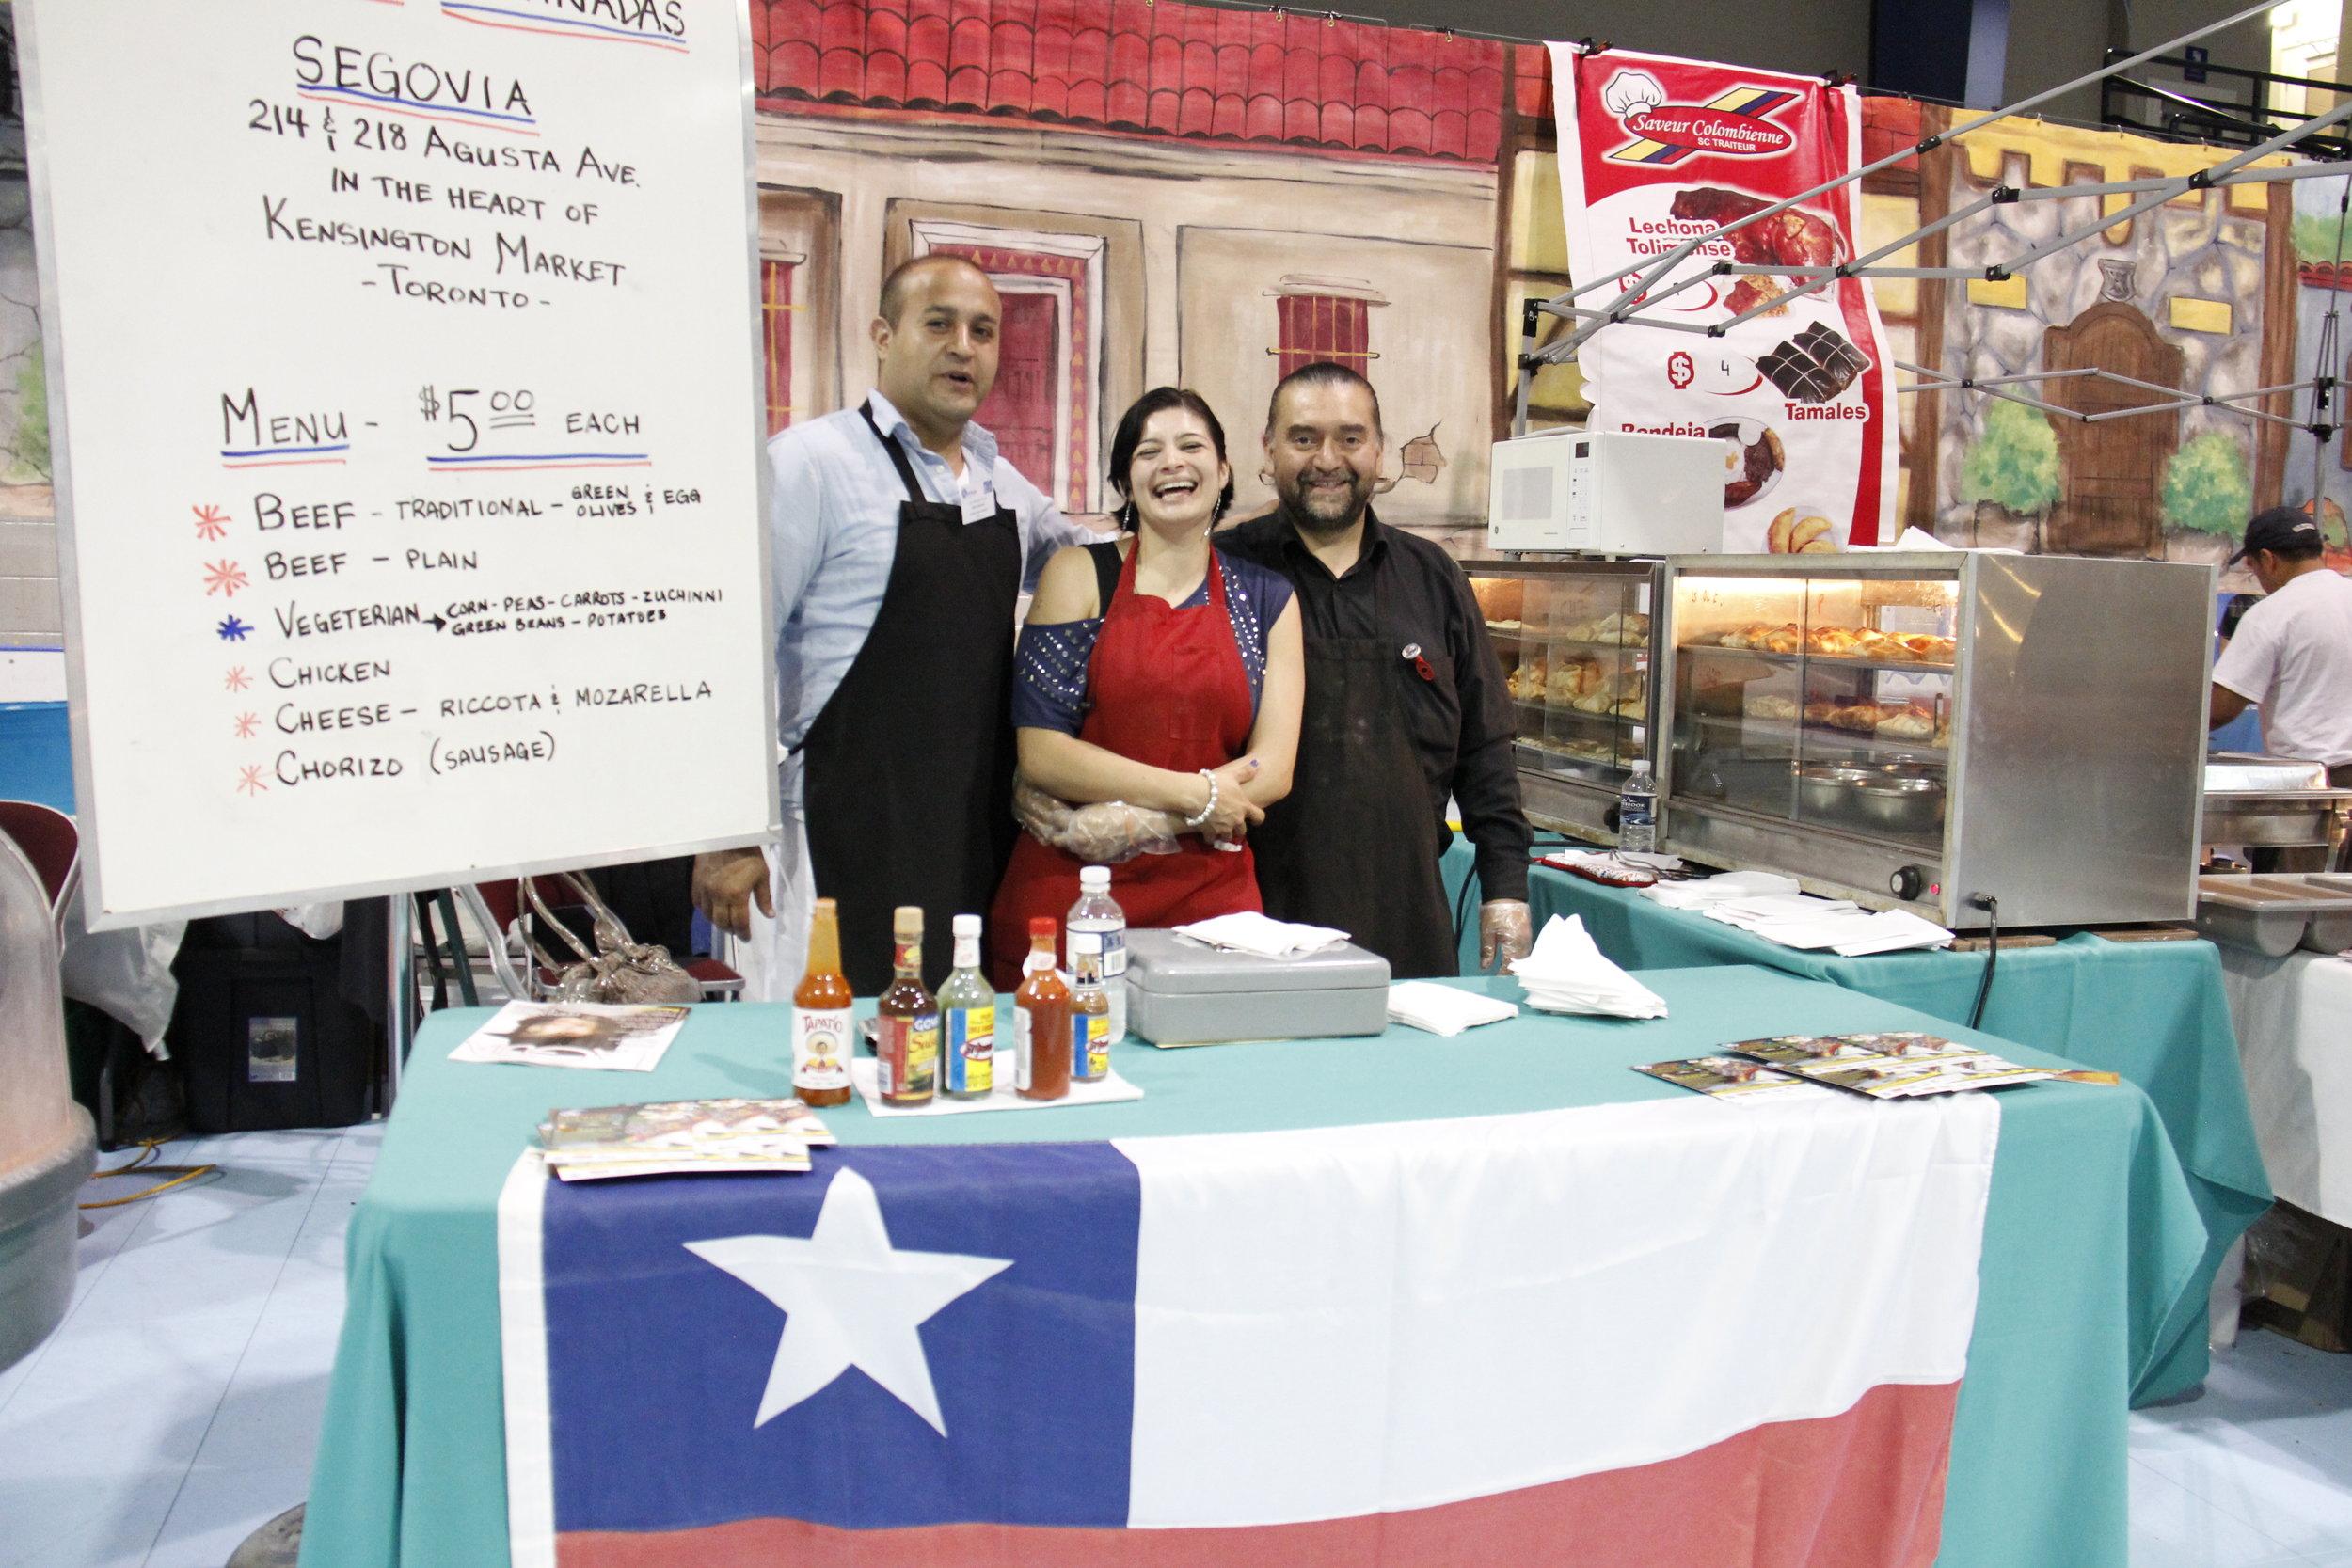 CHILE - Empanadas from Segovia